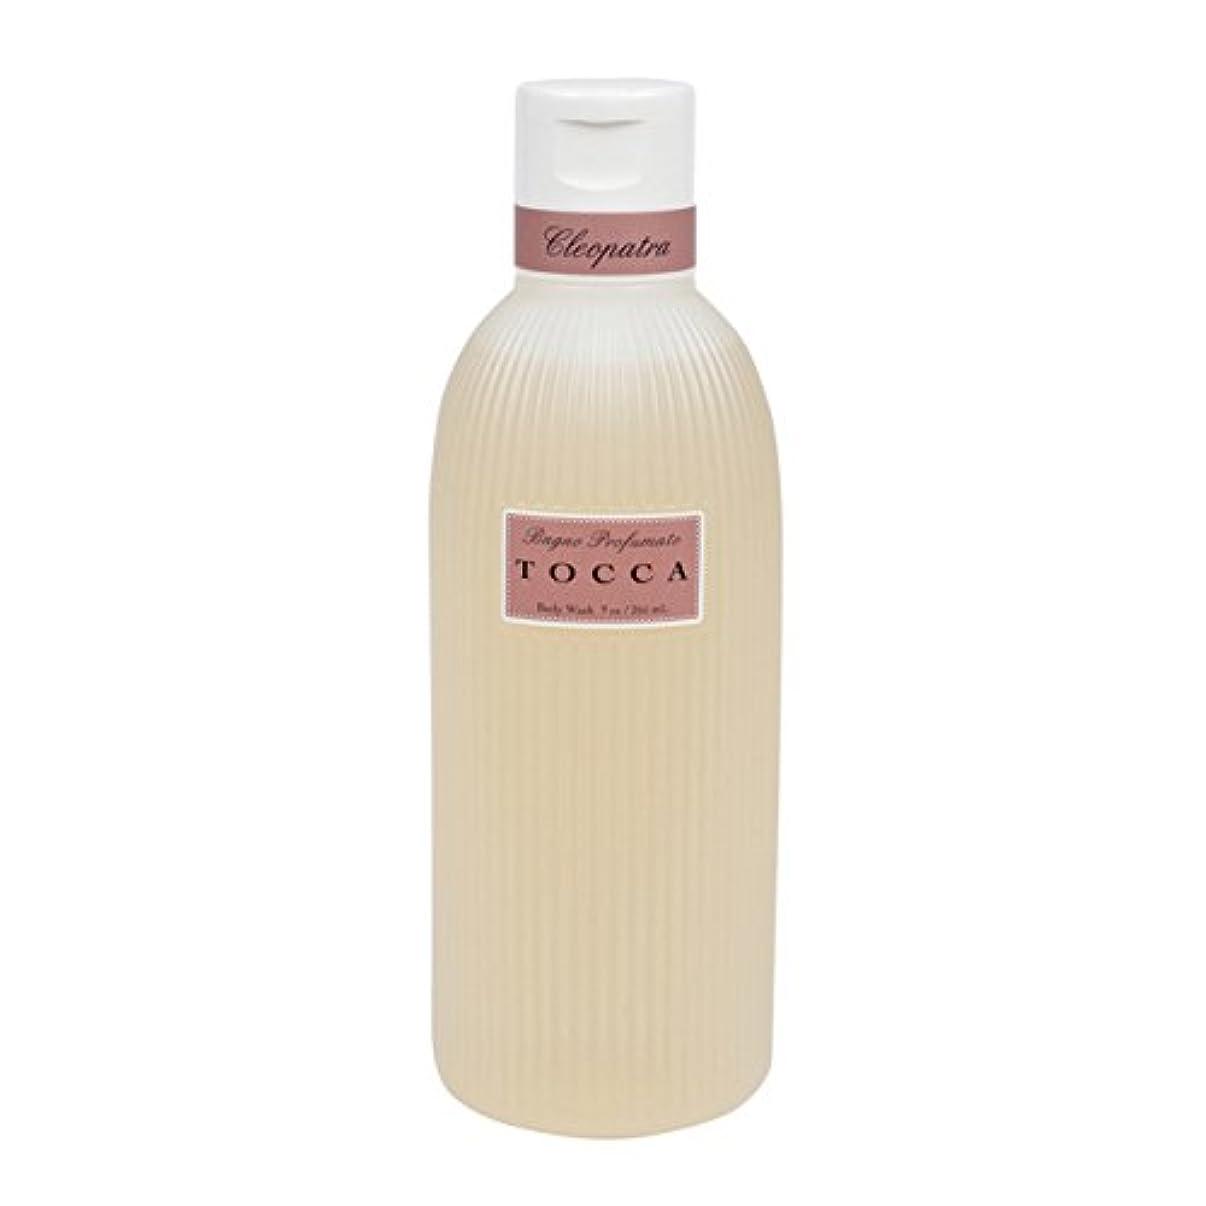 シチリアシルクめまいがトッカ(TOCCA) ボディーケアウォッシュ クレオパトラの香り 266ml(全身用洗浄料 ボディーソープ グレープフルーツとキューカンバーのフレッシュでクリーンな香り)